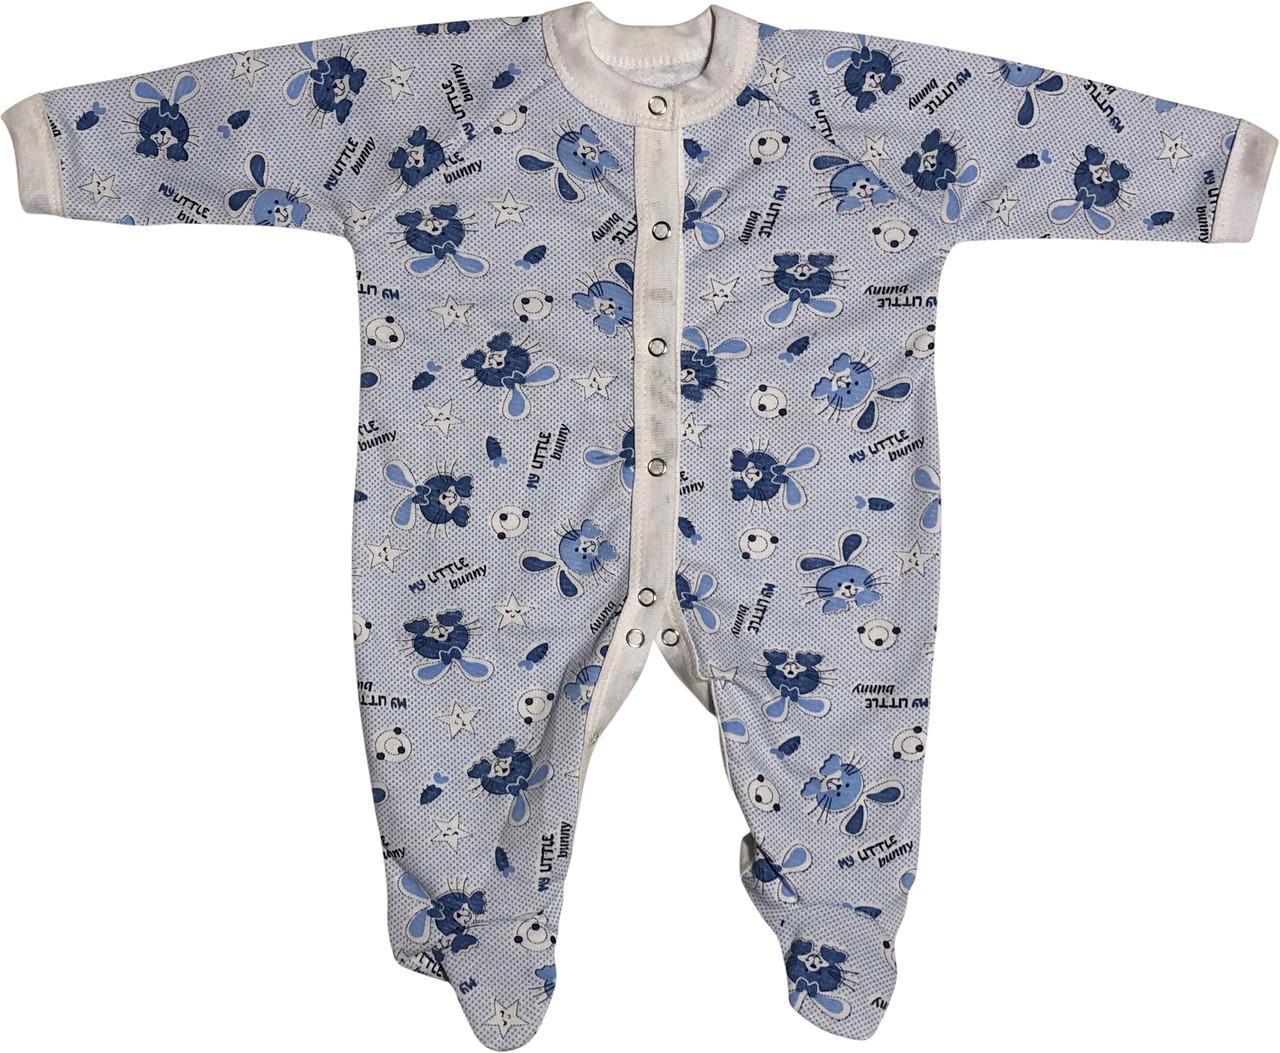 Тёплый человечек слип с начёсом на мальчика рост 74 6-9 мес для новорожденных хлопковый футер детский голубой